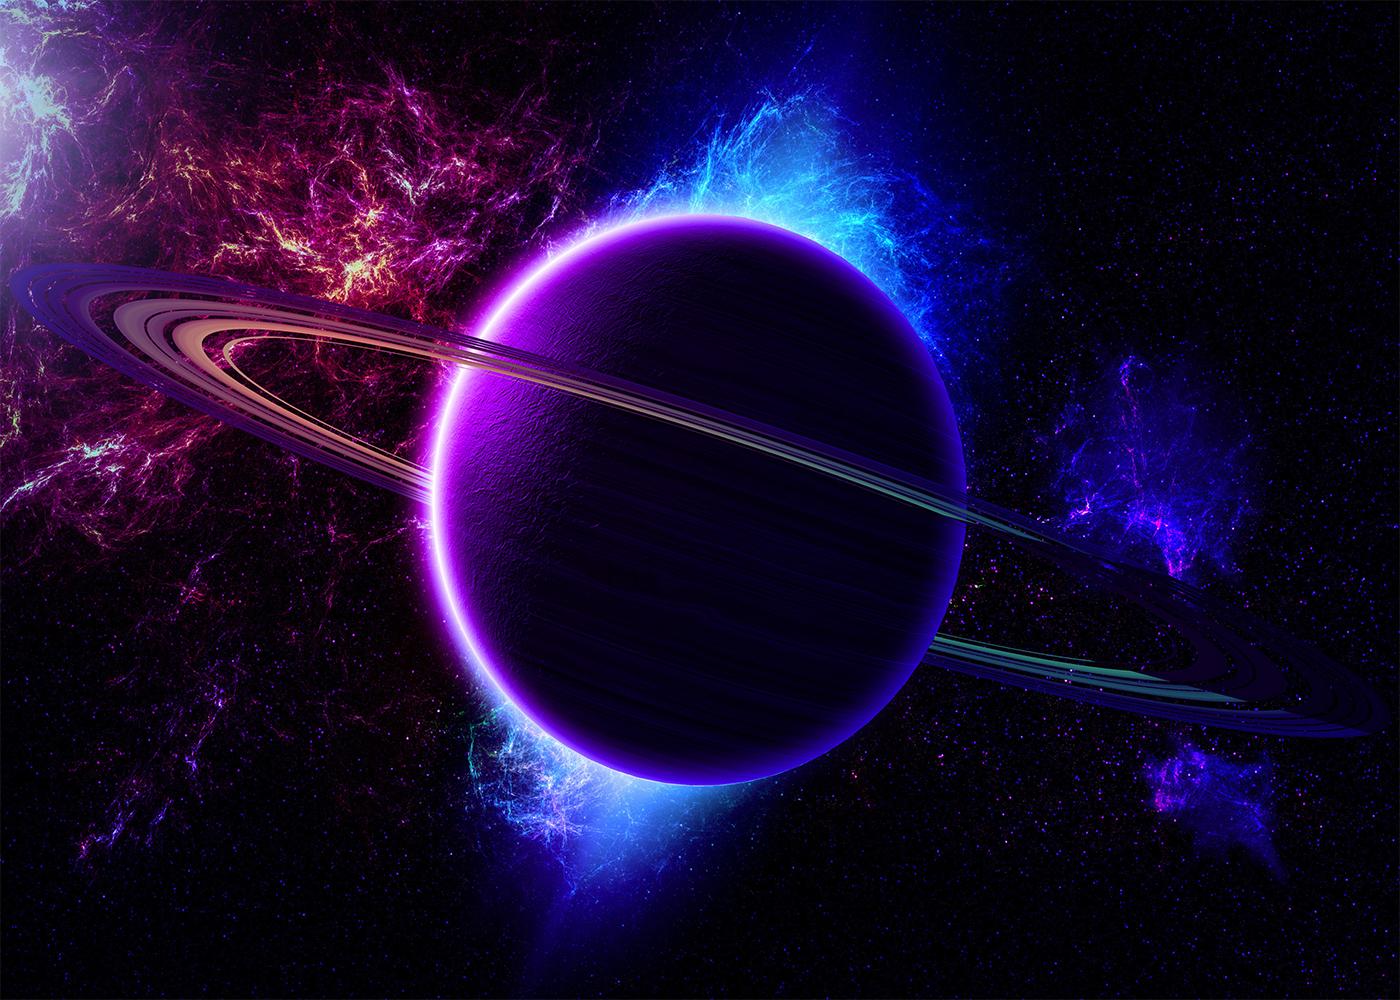 Papel De Parede 3d Universo M 0007 No Elo7 Paredes Decoradas  -> Imagens Do Universo Para Papel De Parede